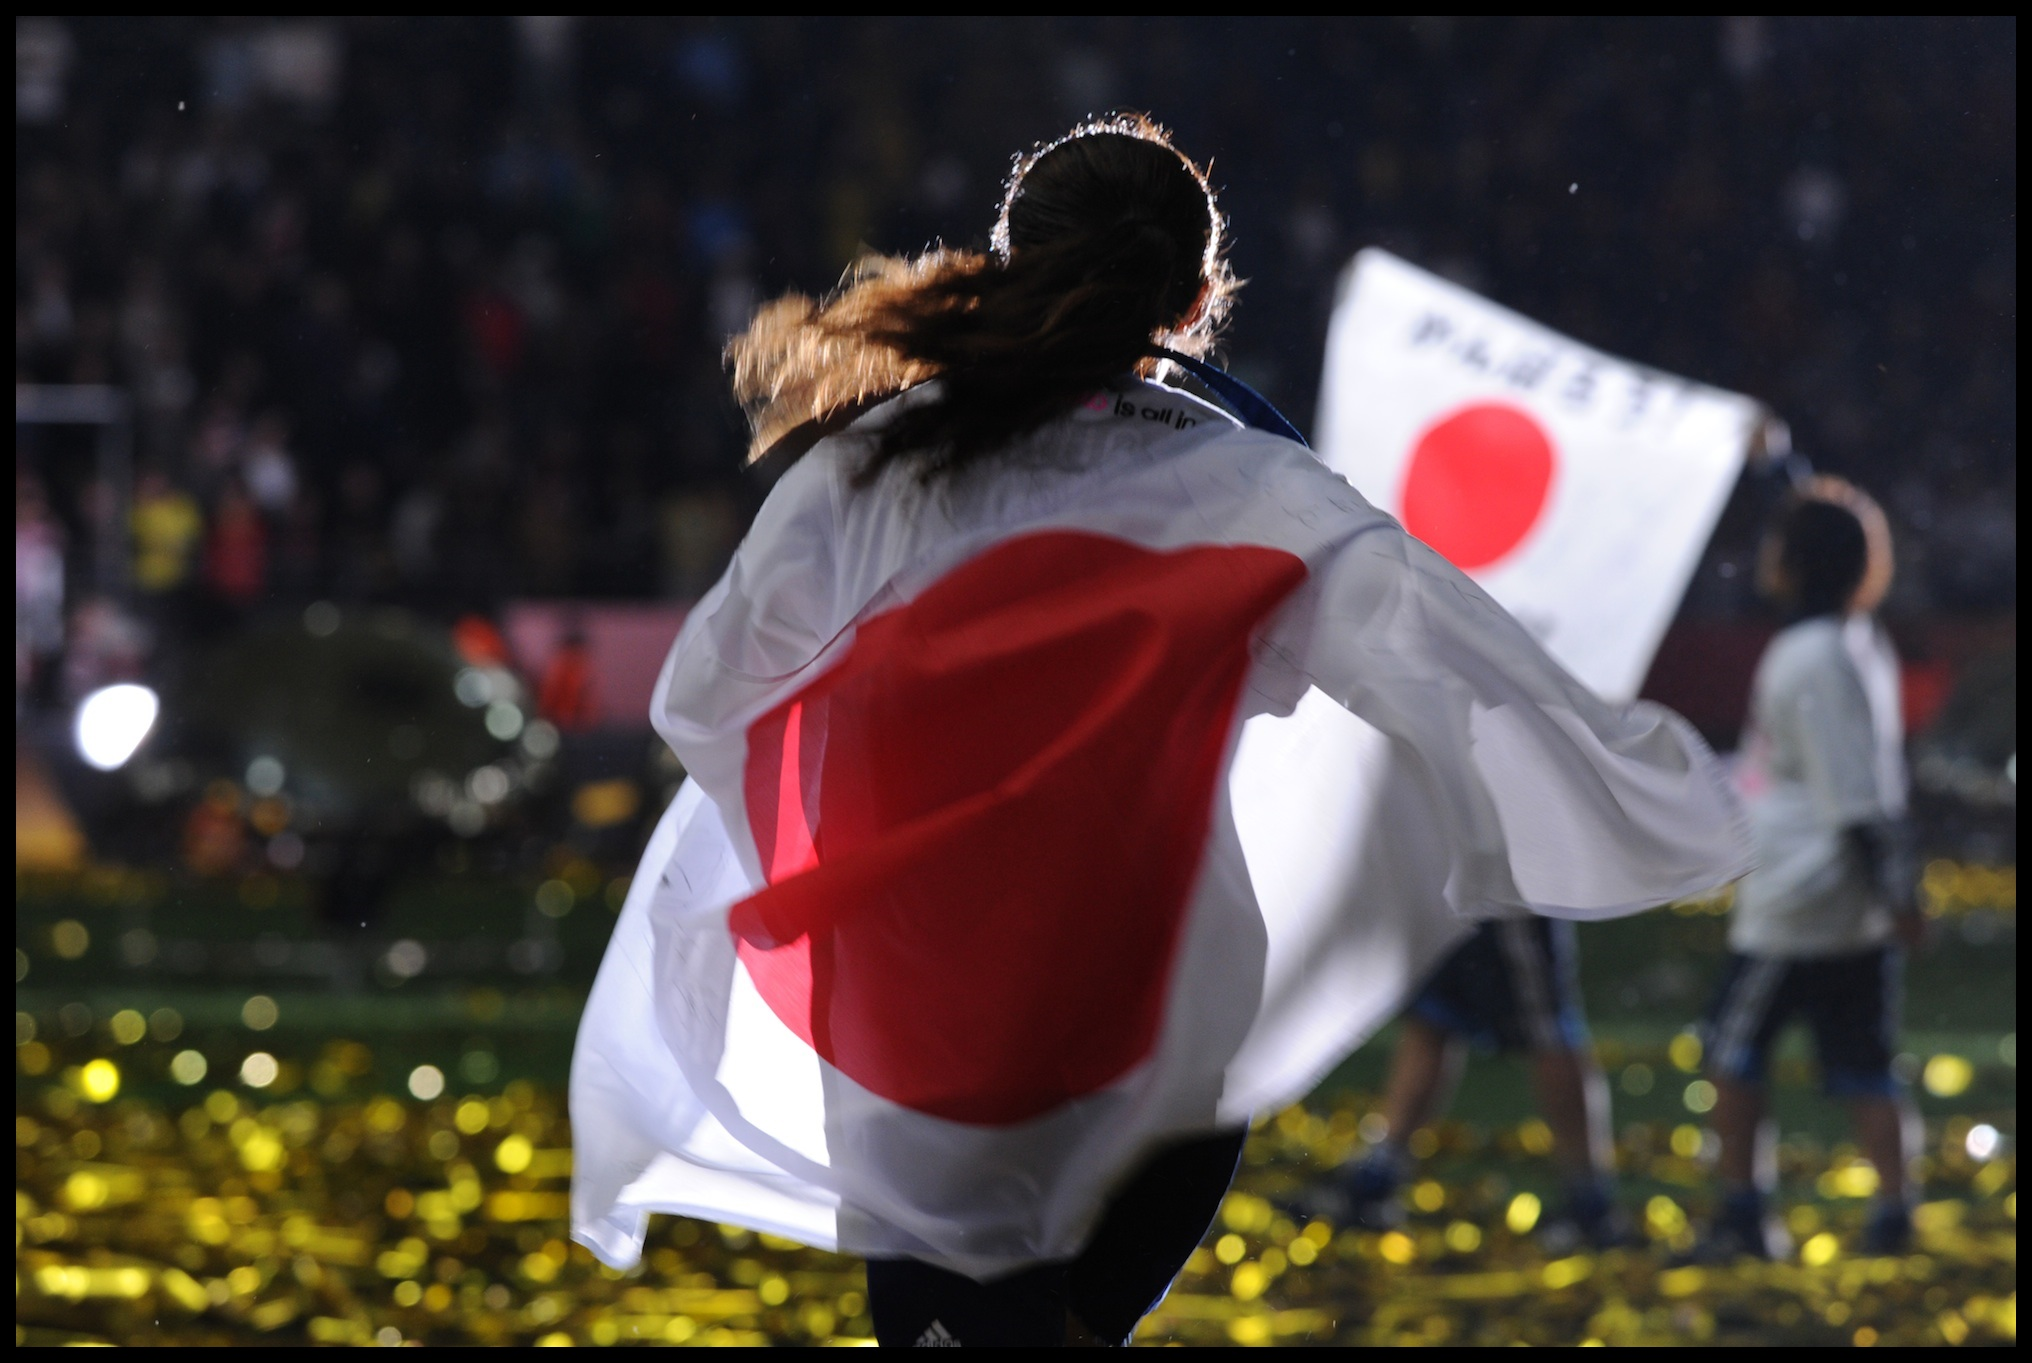 なでしこジャパン予備登録メンバー発表【W杯2015】澤穂希は?